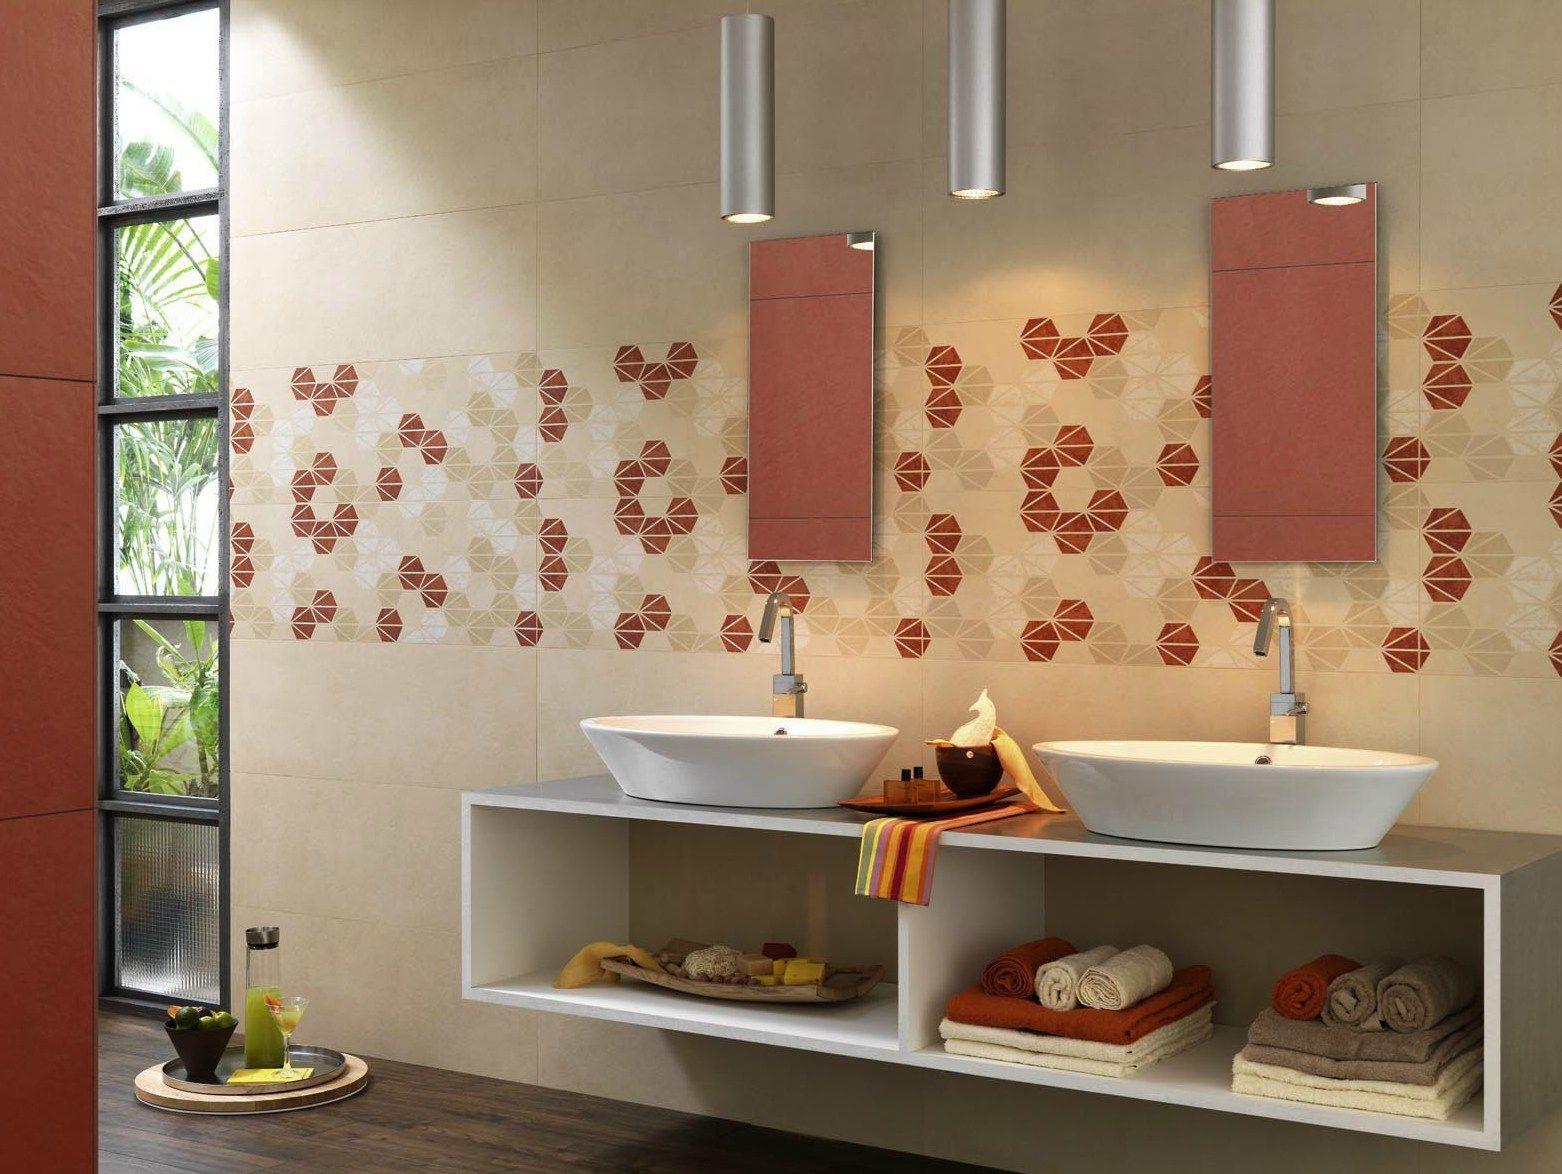 Revestimiento de pared en pasta blanca para interiores - Revestimiento paredes interiores ...